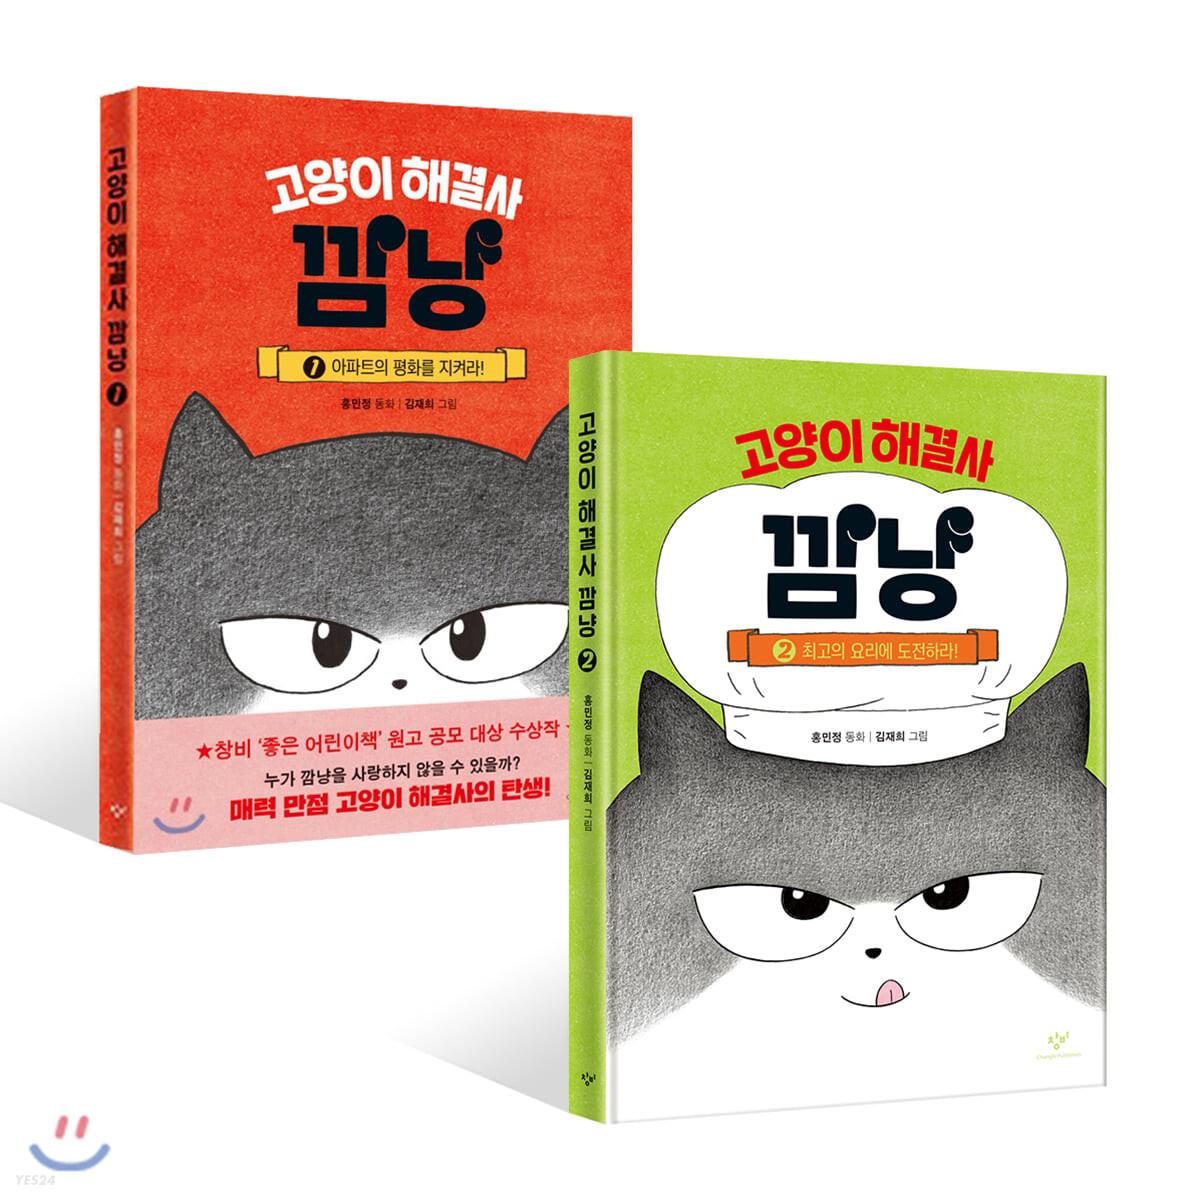 고양이 해결사 깜냥 2권 세트